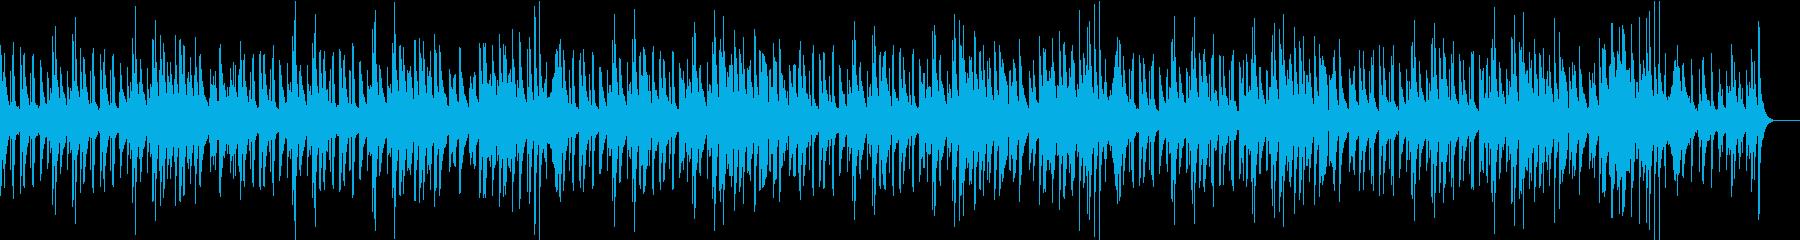 滑らかでエレガントなジャズの再生済みの波形